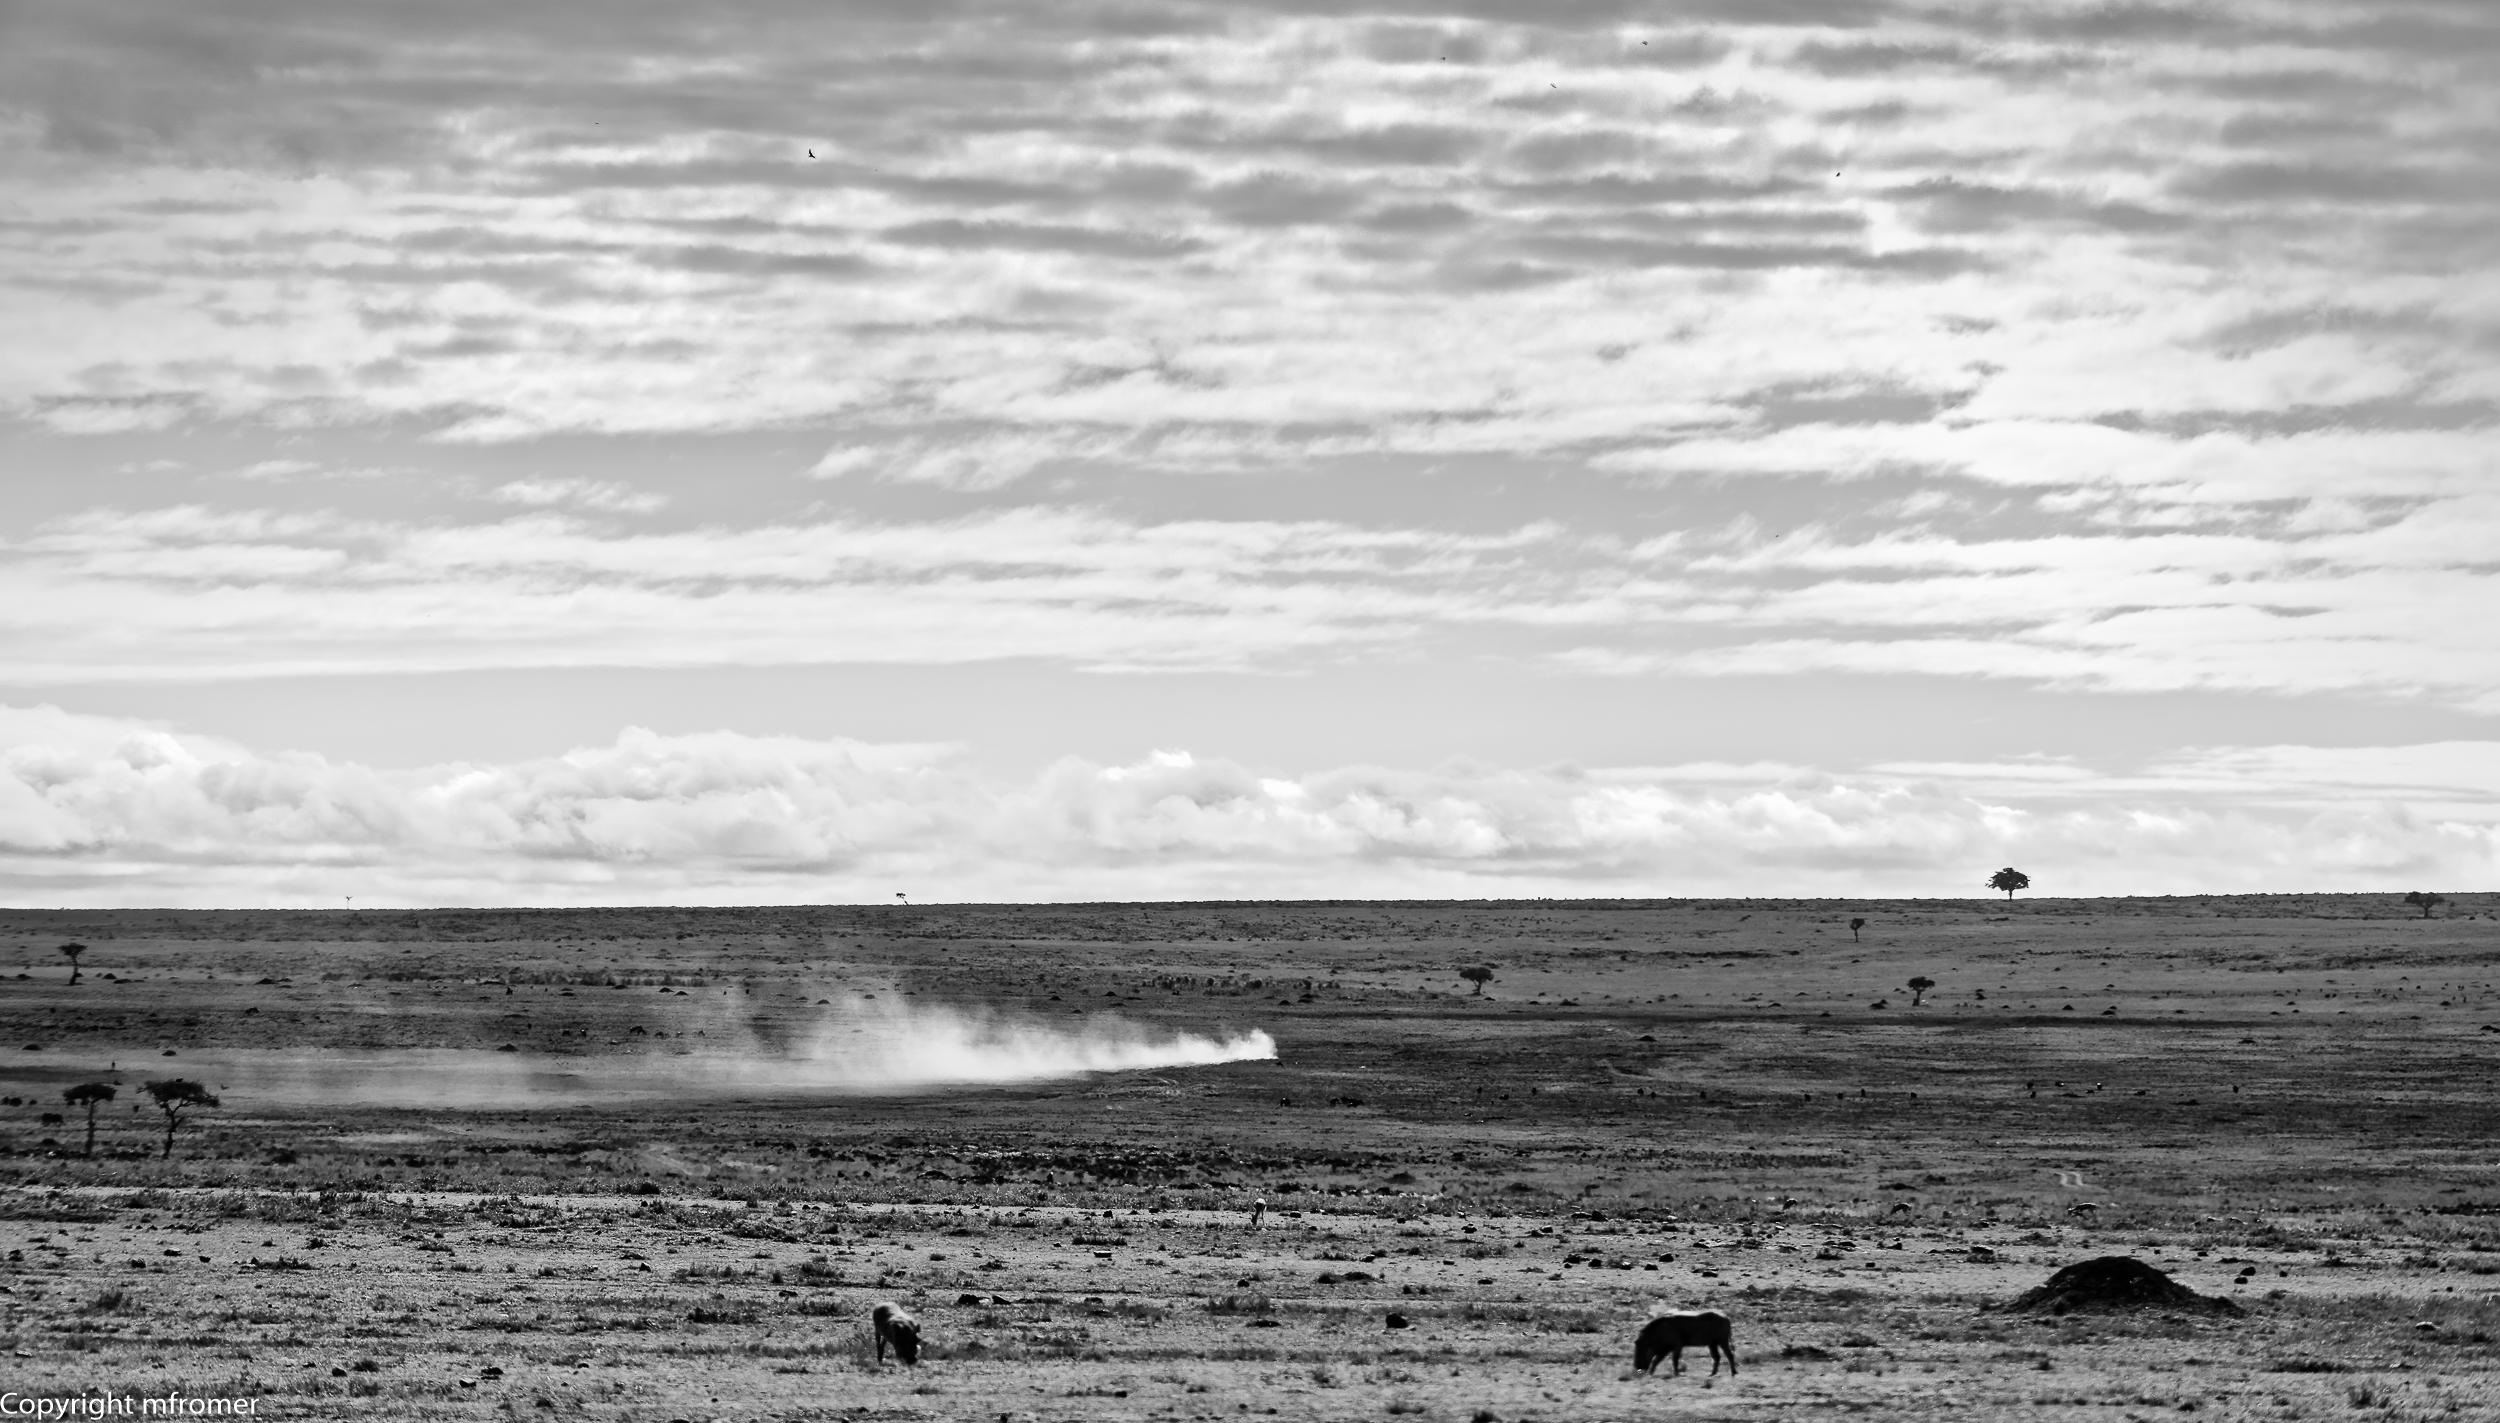 Kenya, barren land